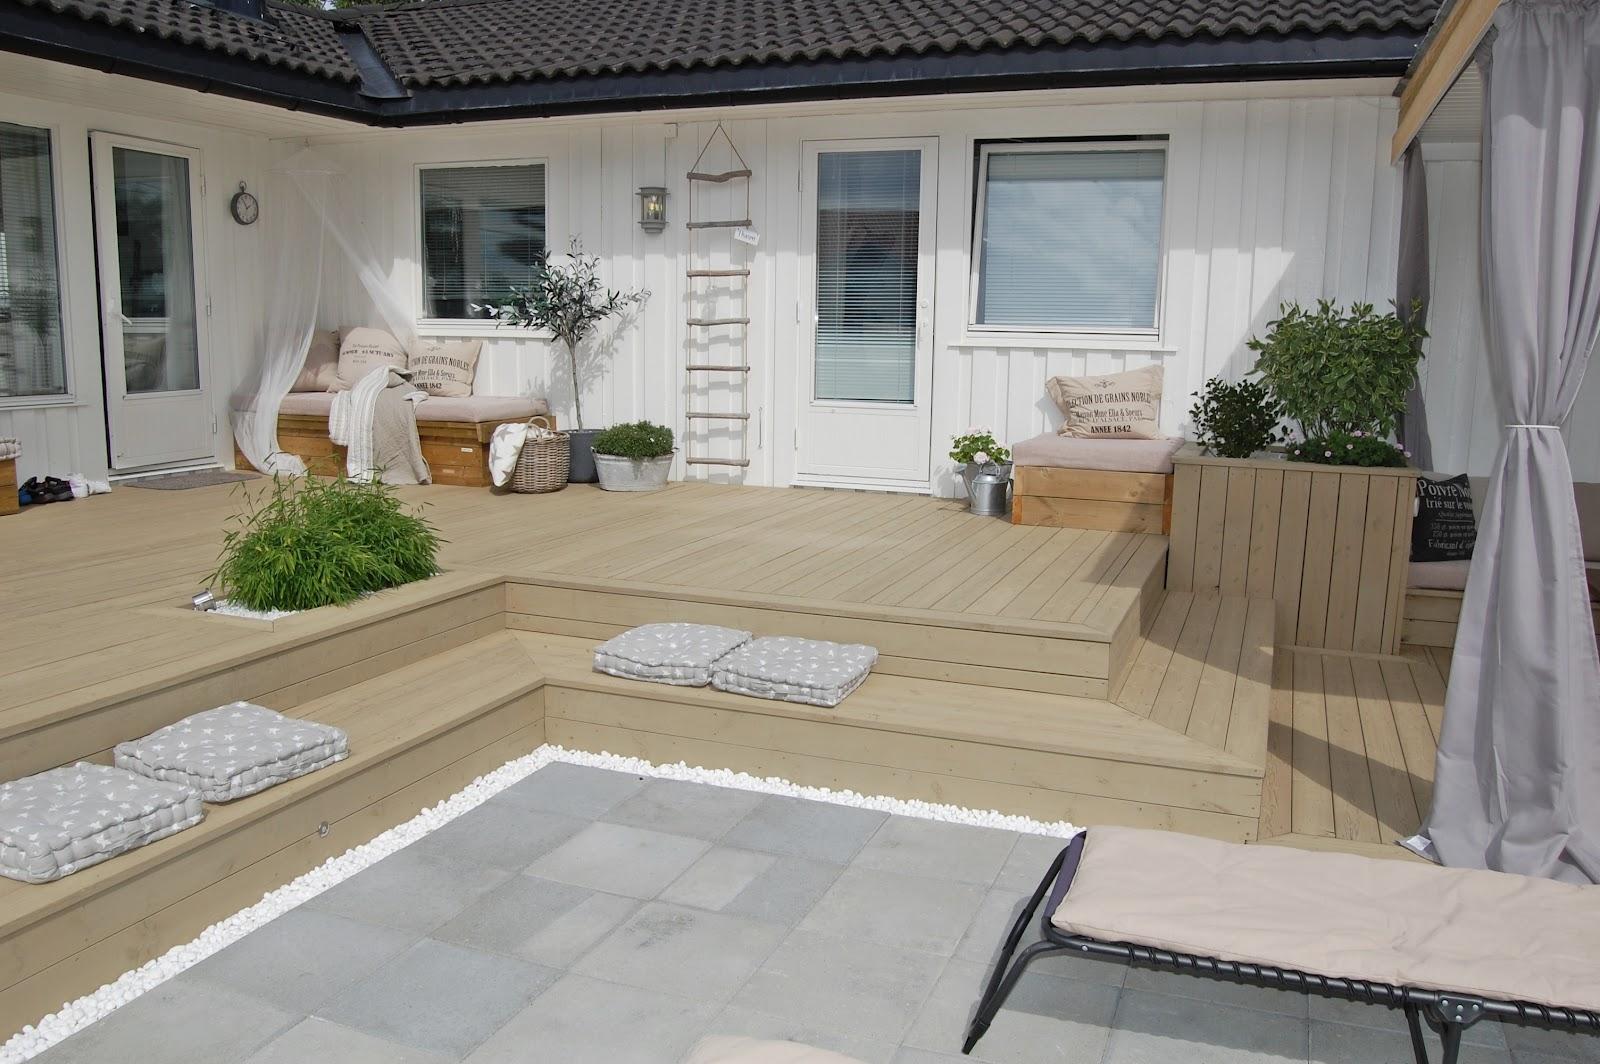 hegemor com prosjekt terrasse. Black Bedroom Furniture Sets. Home Design Ideas